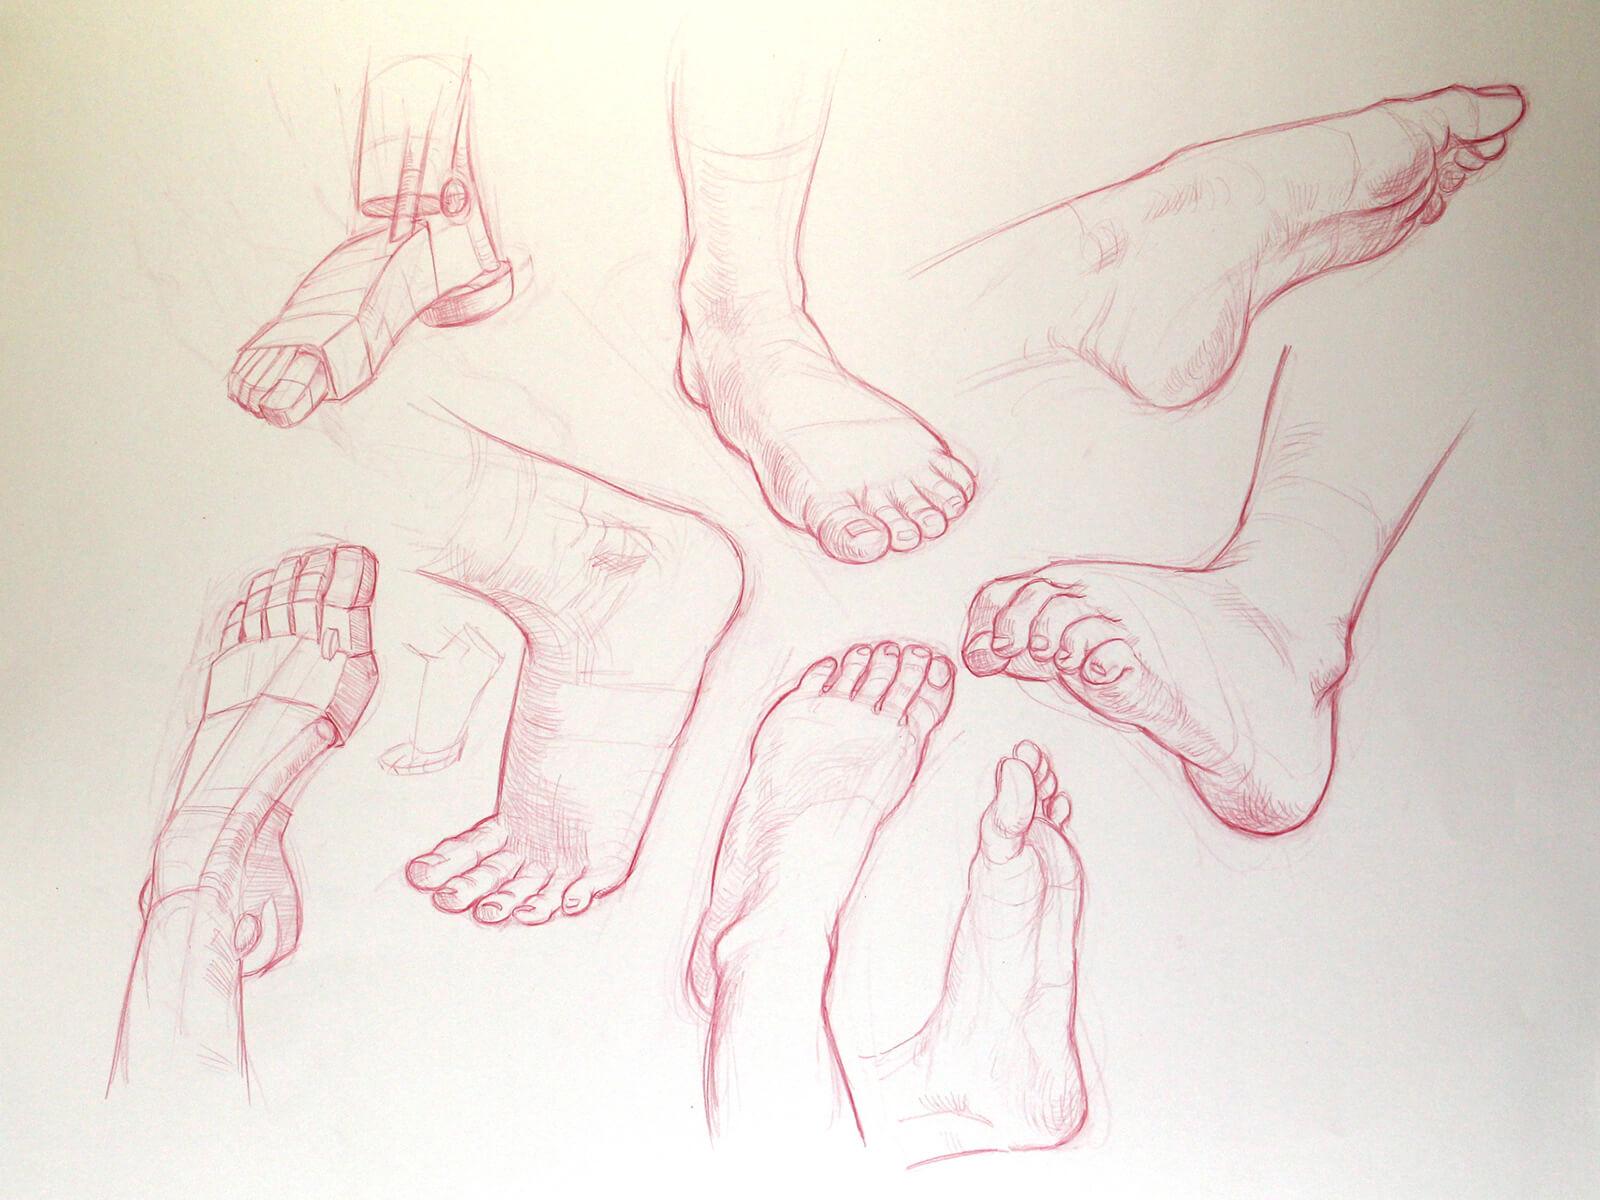 various drawings of feet